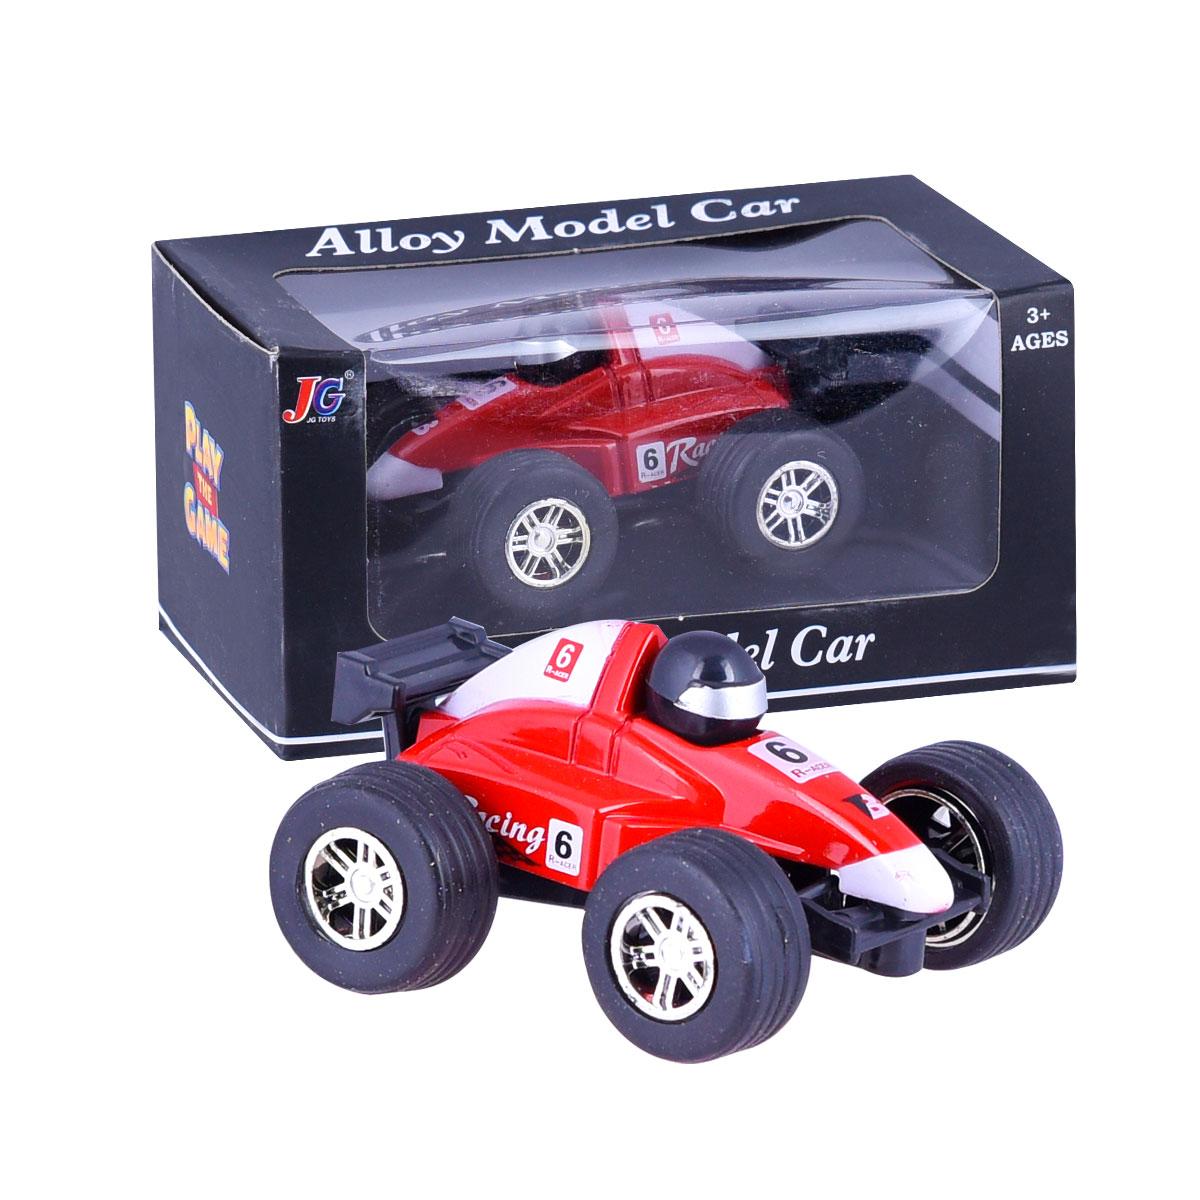 لعبة سيارة صغير بعلبه , ألوان متعددة , رقم MM-RO-100003